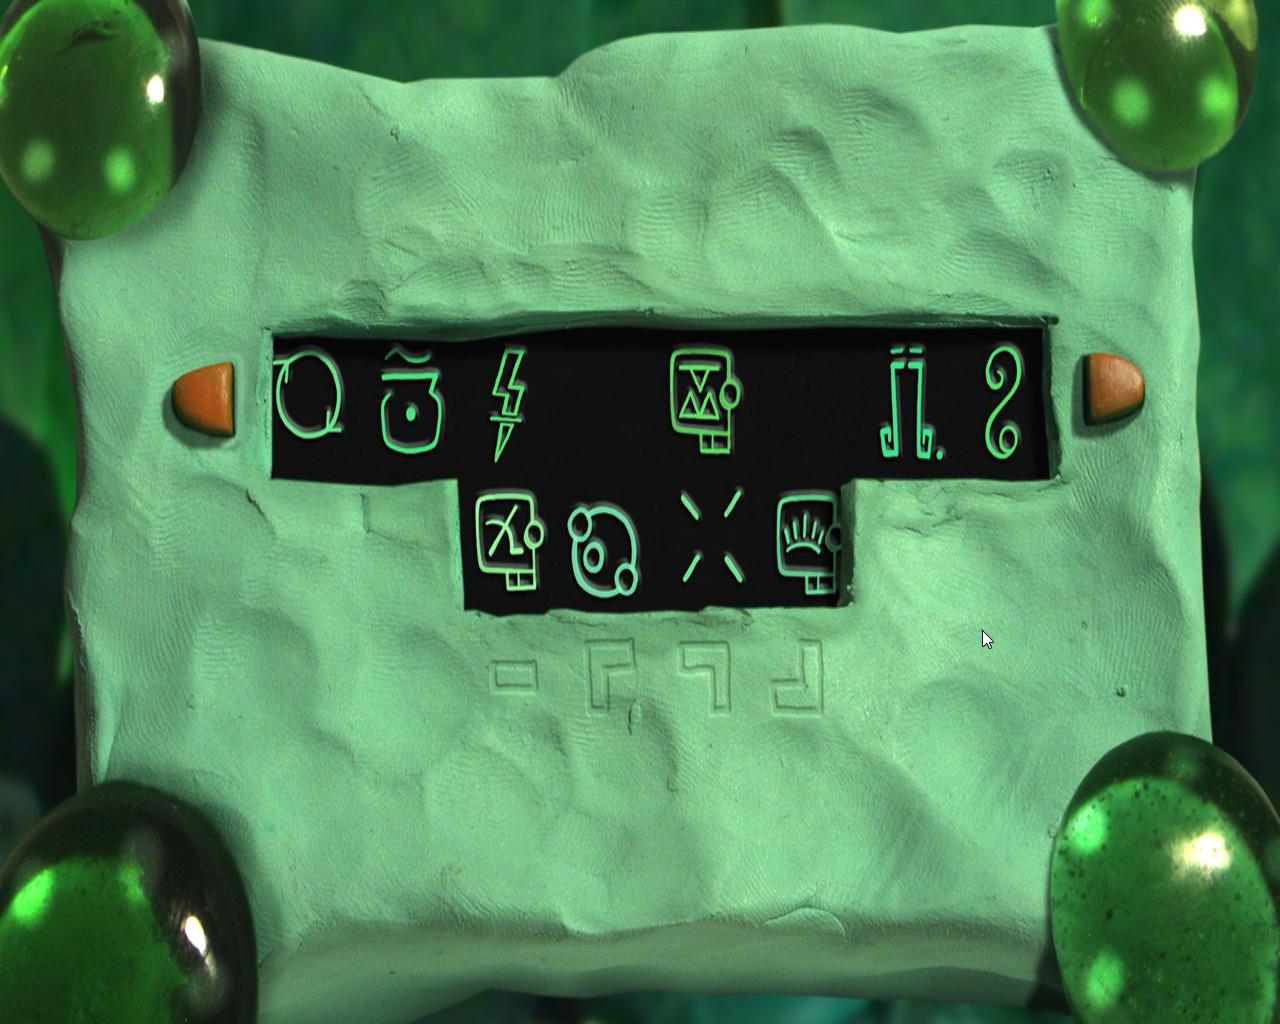 Армикрог - Частички кода берут из ролика при клике на осьминогах (уровень 4)